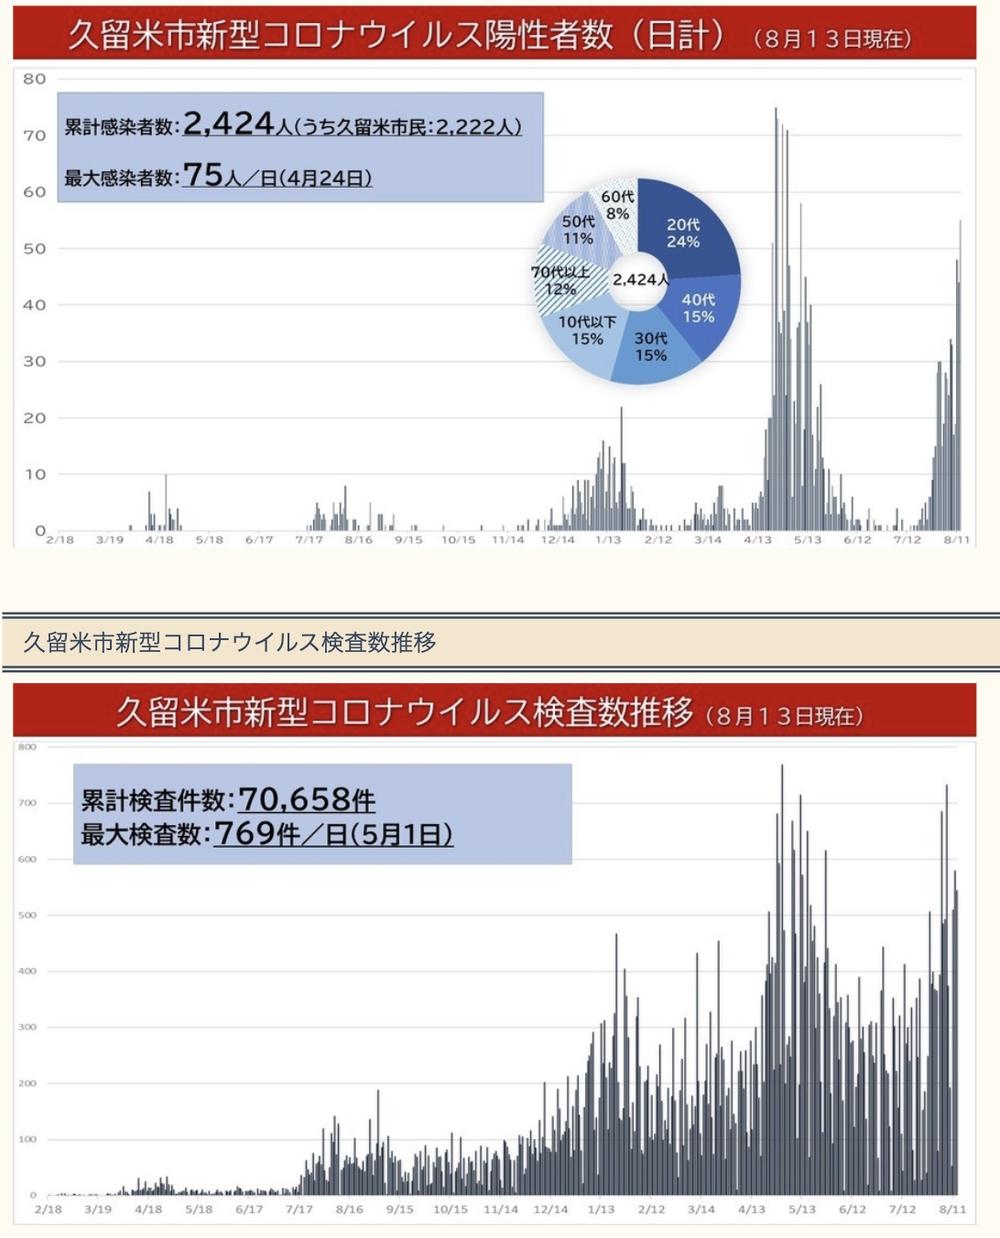 「新型コロナウイルス感染状況まとめ(7月)」と「久留米市新型コロナウイルス陽性者数」